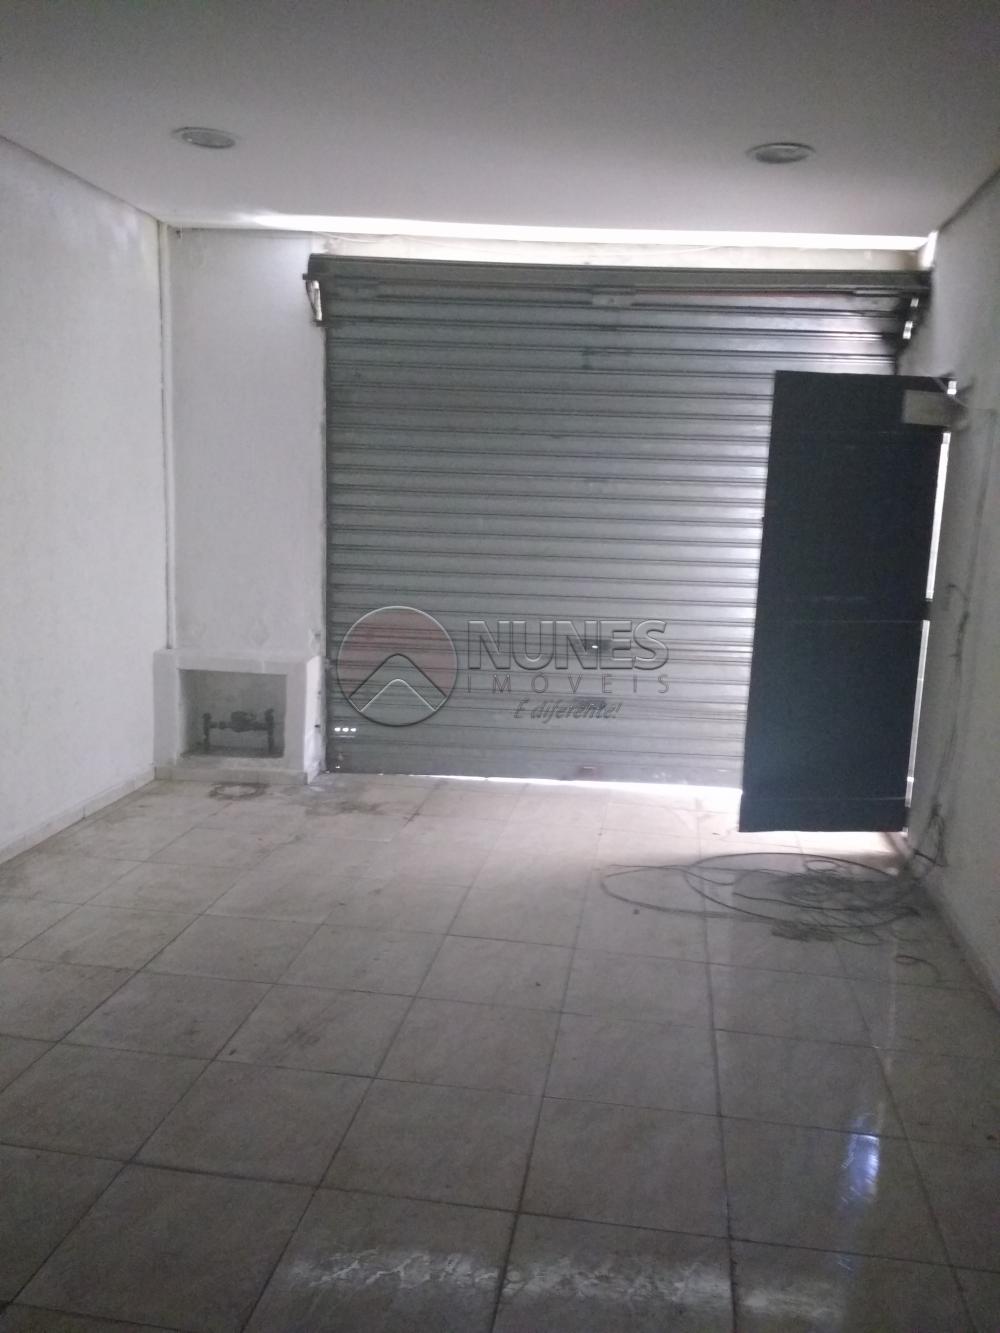 Comprar Casa / Imovel para Renda em Carapicuíba apenas R$ 250.000,00 - Foto 2